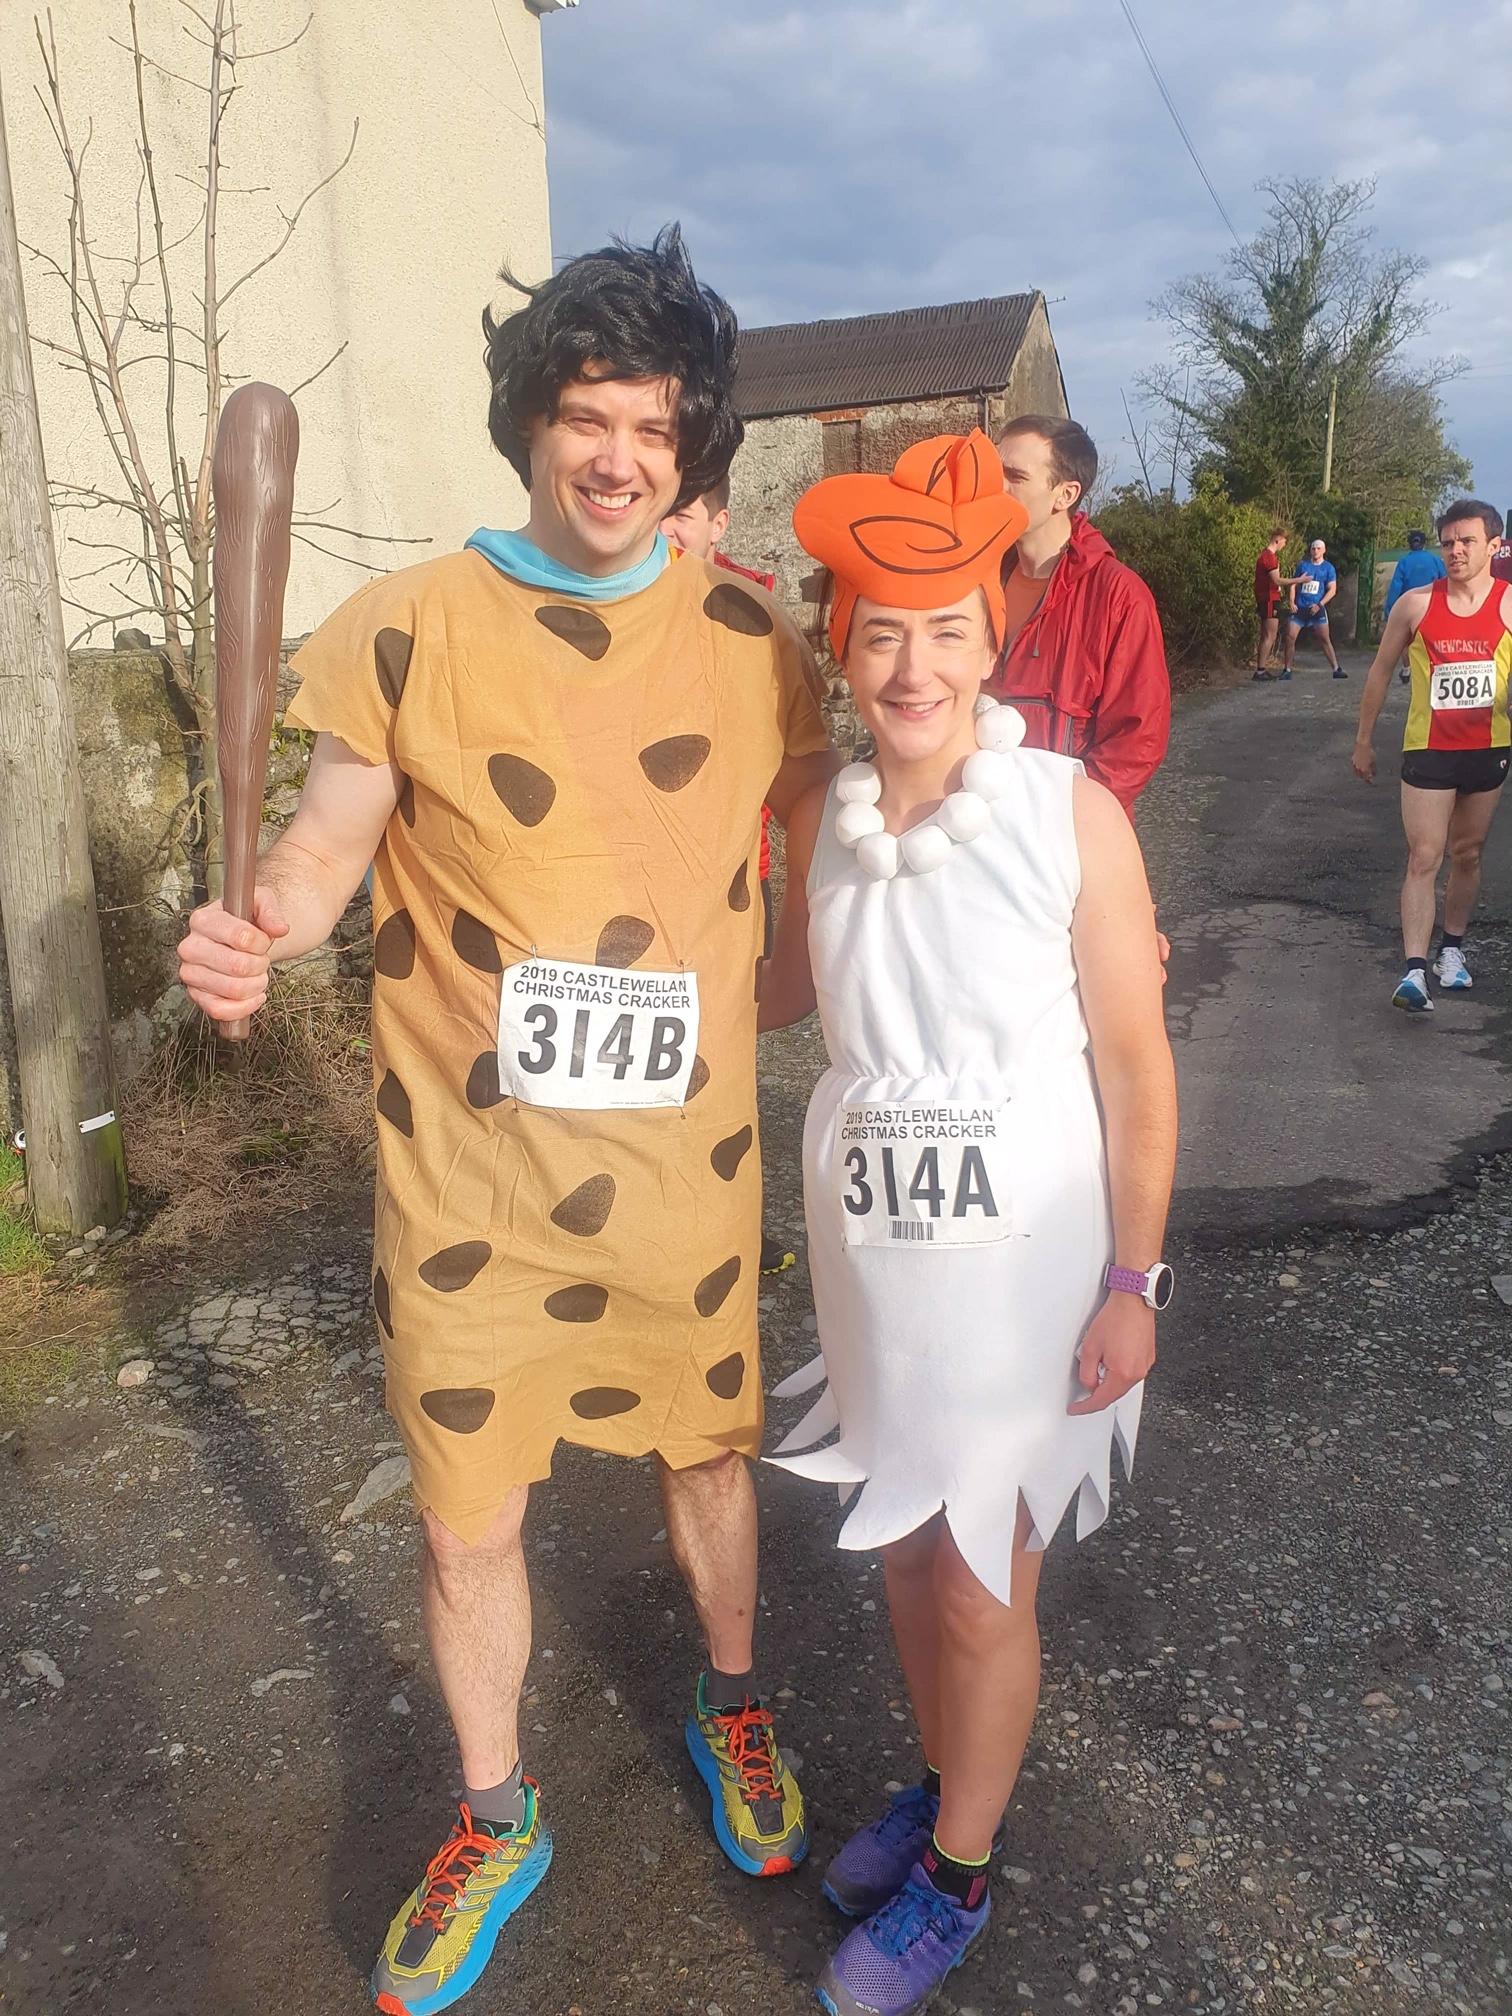 Gavin Hynds and Niamh Kellett as Fred and Wilma Flintstone the Fancy Dress prizewinners